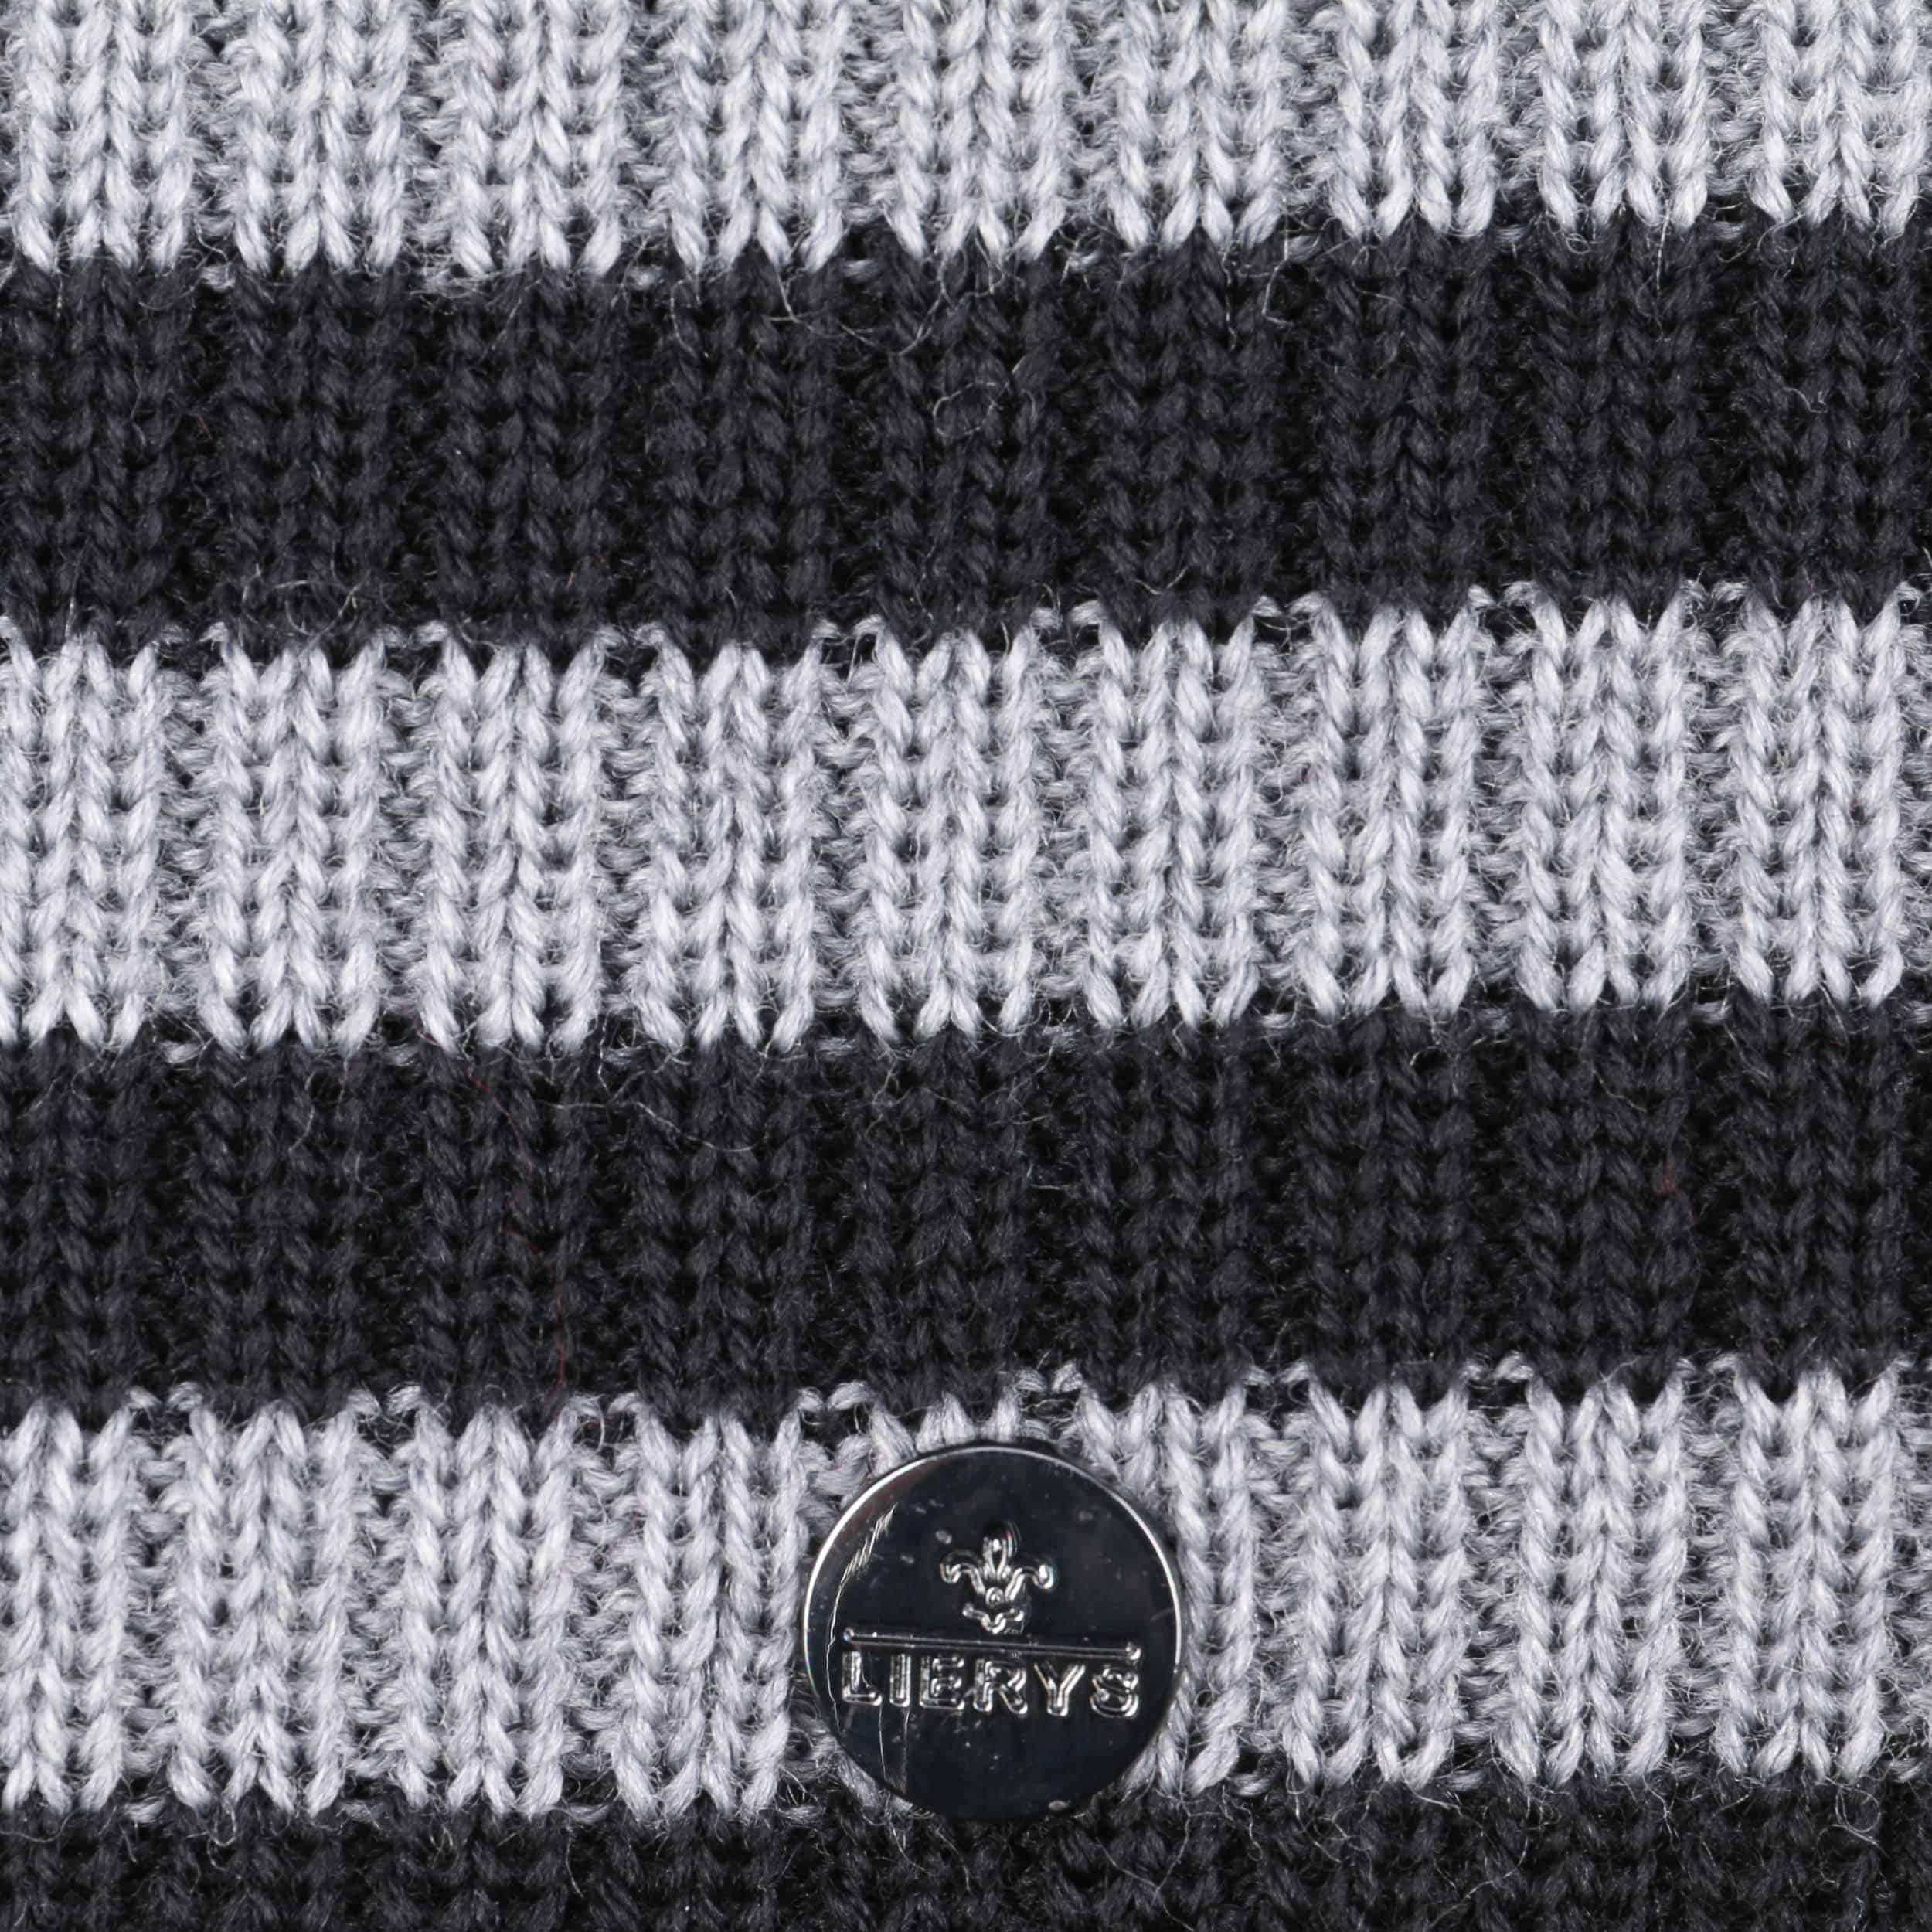 26a21d628f4144 ... 1 · Merino Stripes Beanie Knit Hat by Lierys - black 2 ...